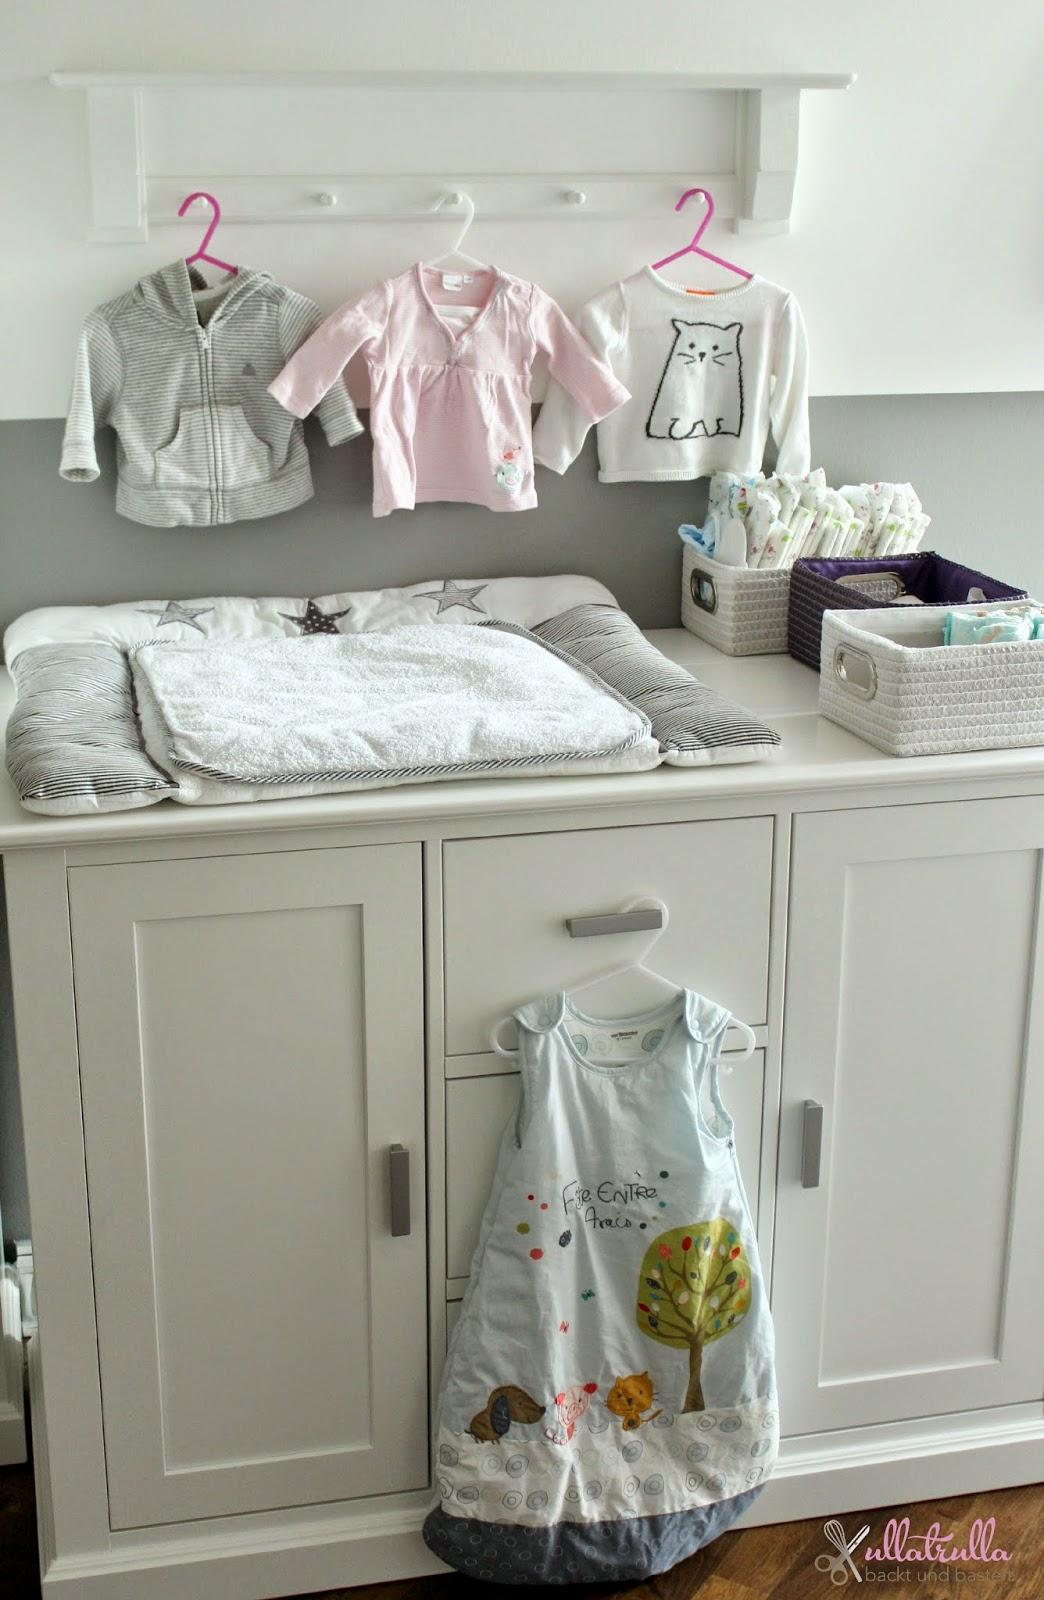 ullatrulla backt und bastelt: Babyzimmer in Grau und Weiß | Roomtour ...